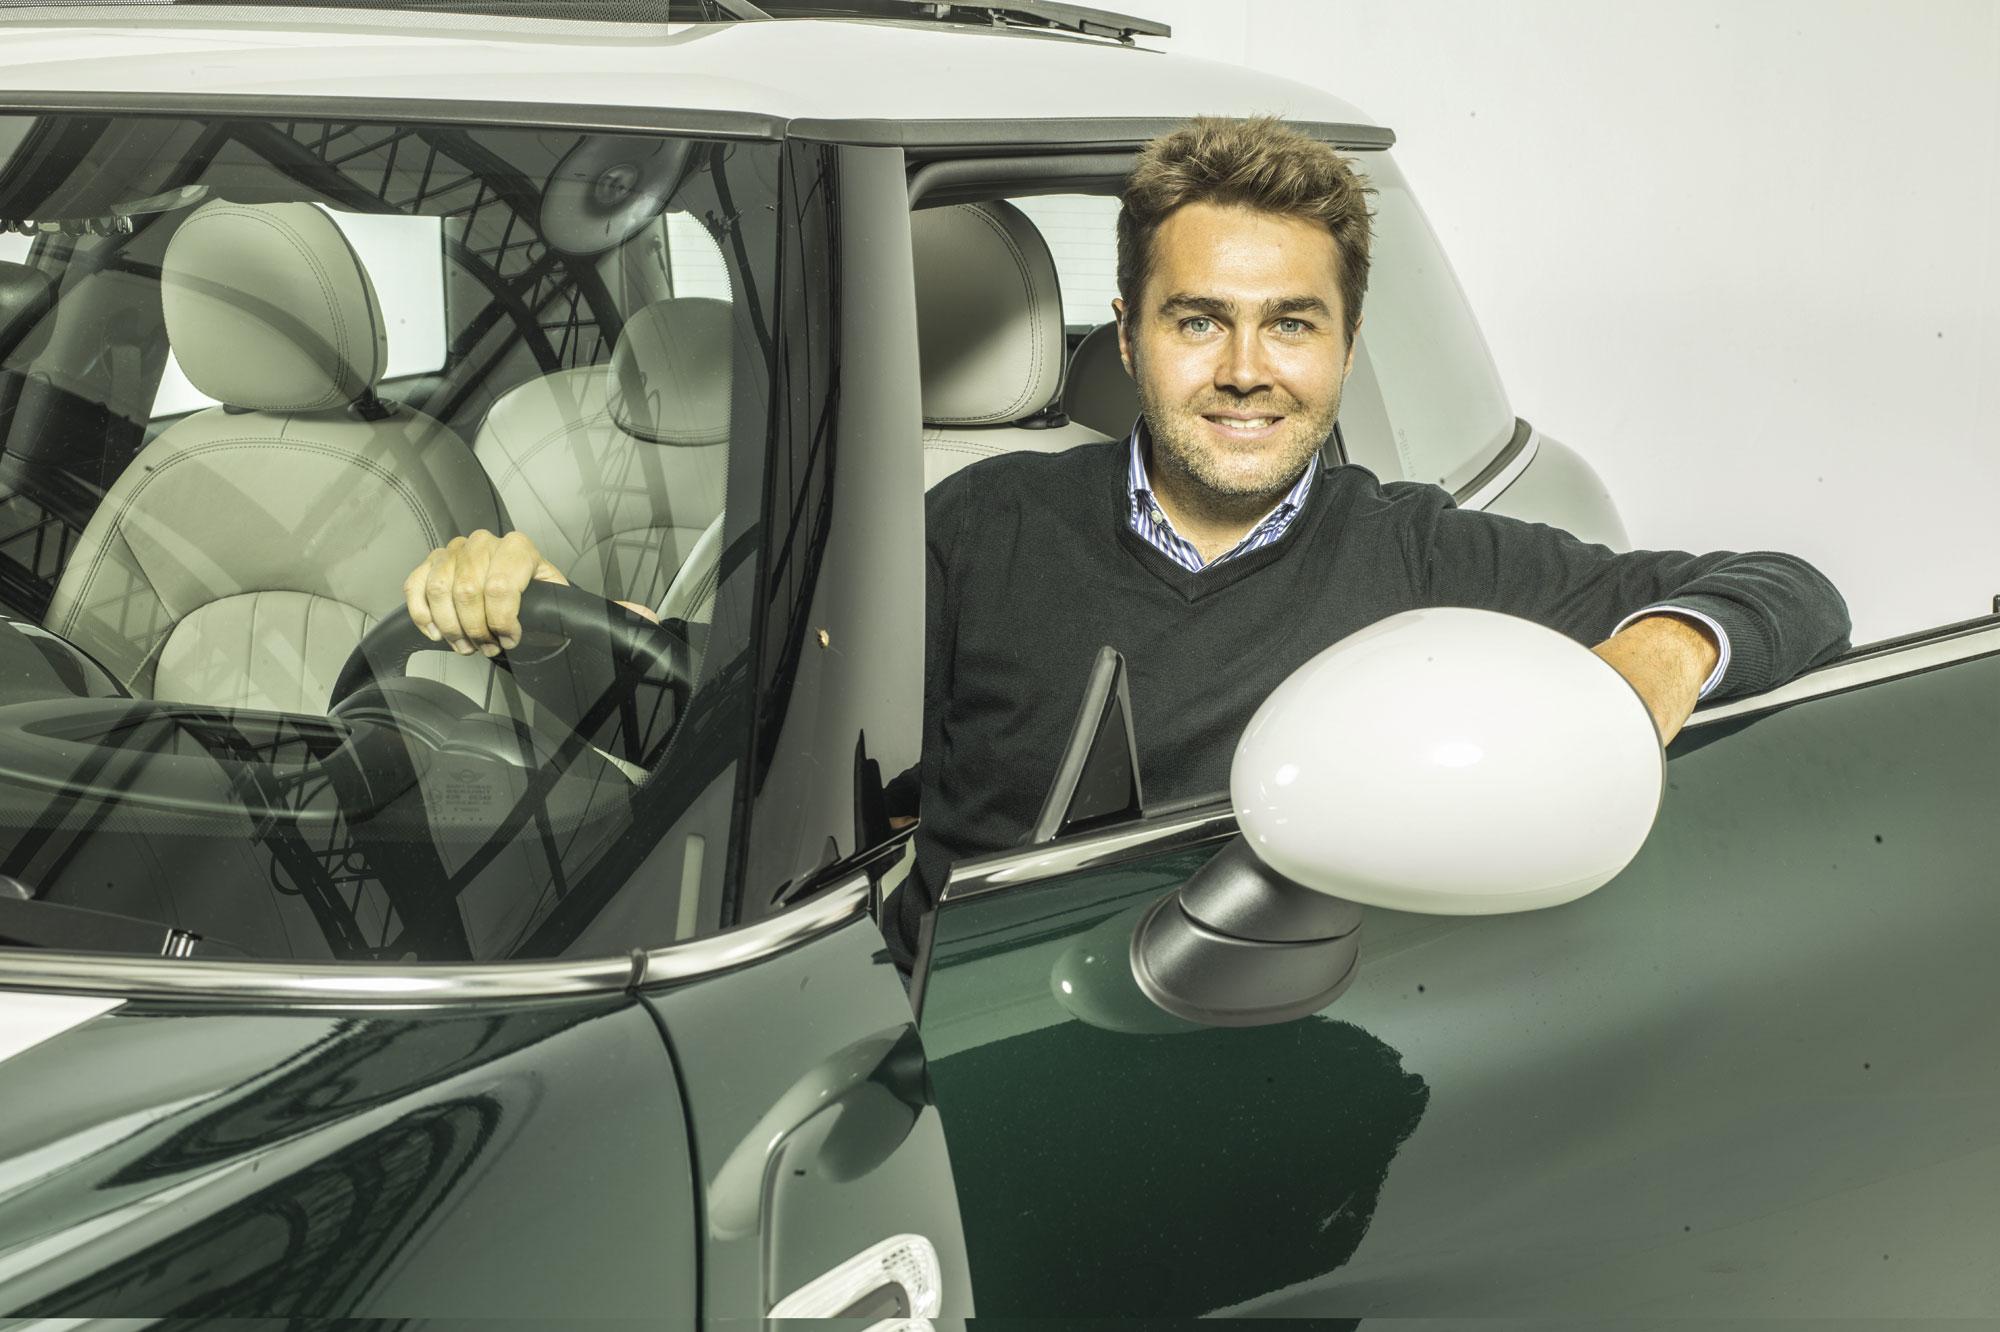 vendez votre voiture fr avis vendez votre voiture en 24h c est possible magazine vendez votre. Black Bedroom Furniture Sets. Home Design Ideas